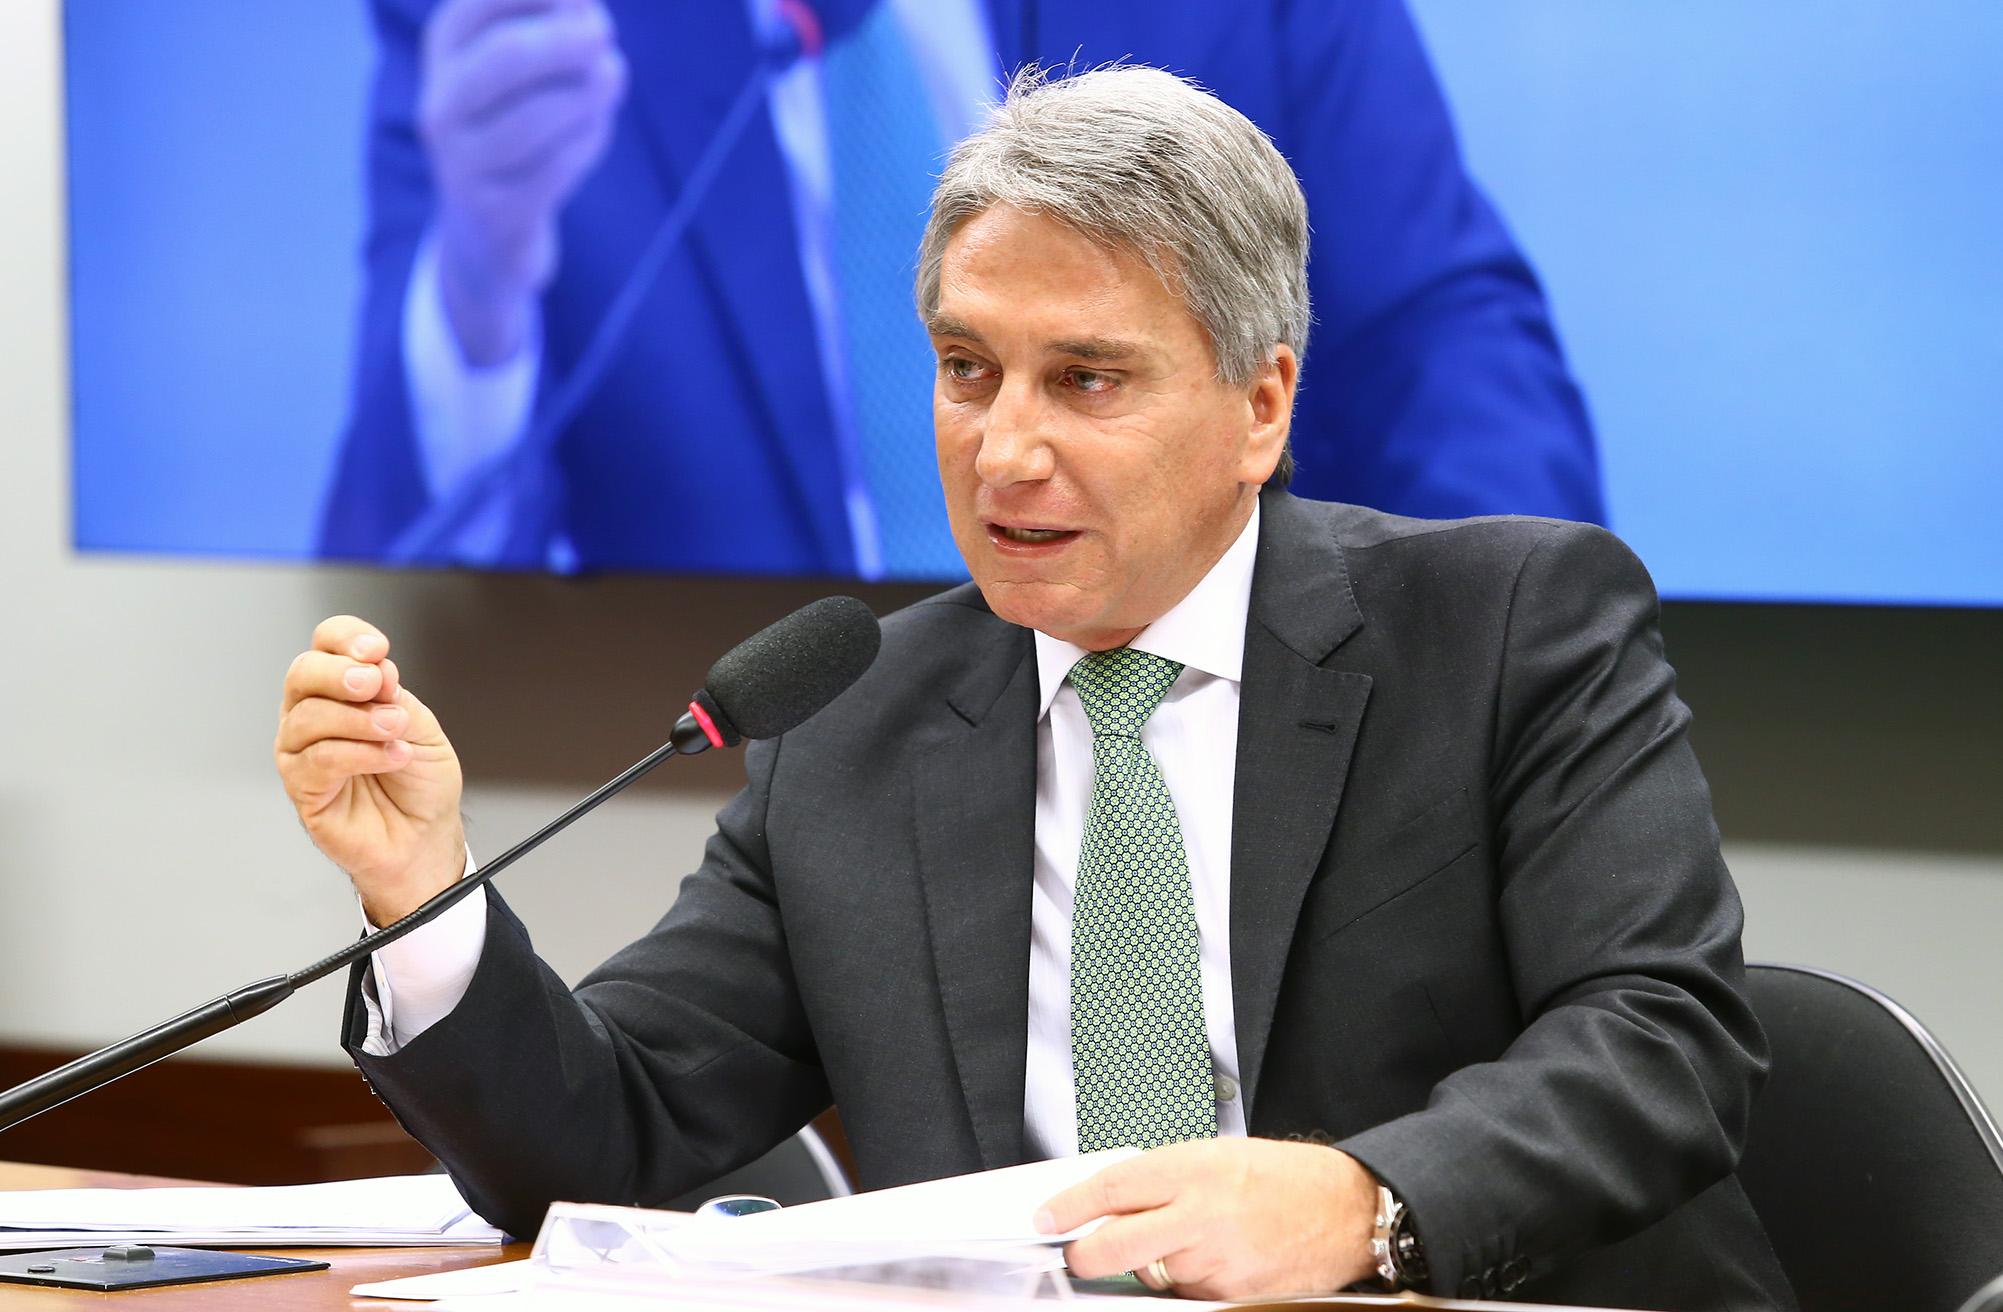 MDB NÃO ESPERA, E LANÇA CANDIDATURA DE RIGOTTO AO SENADO